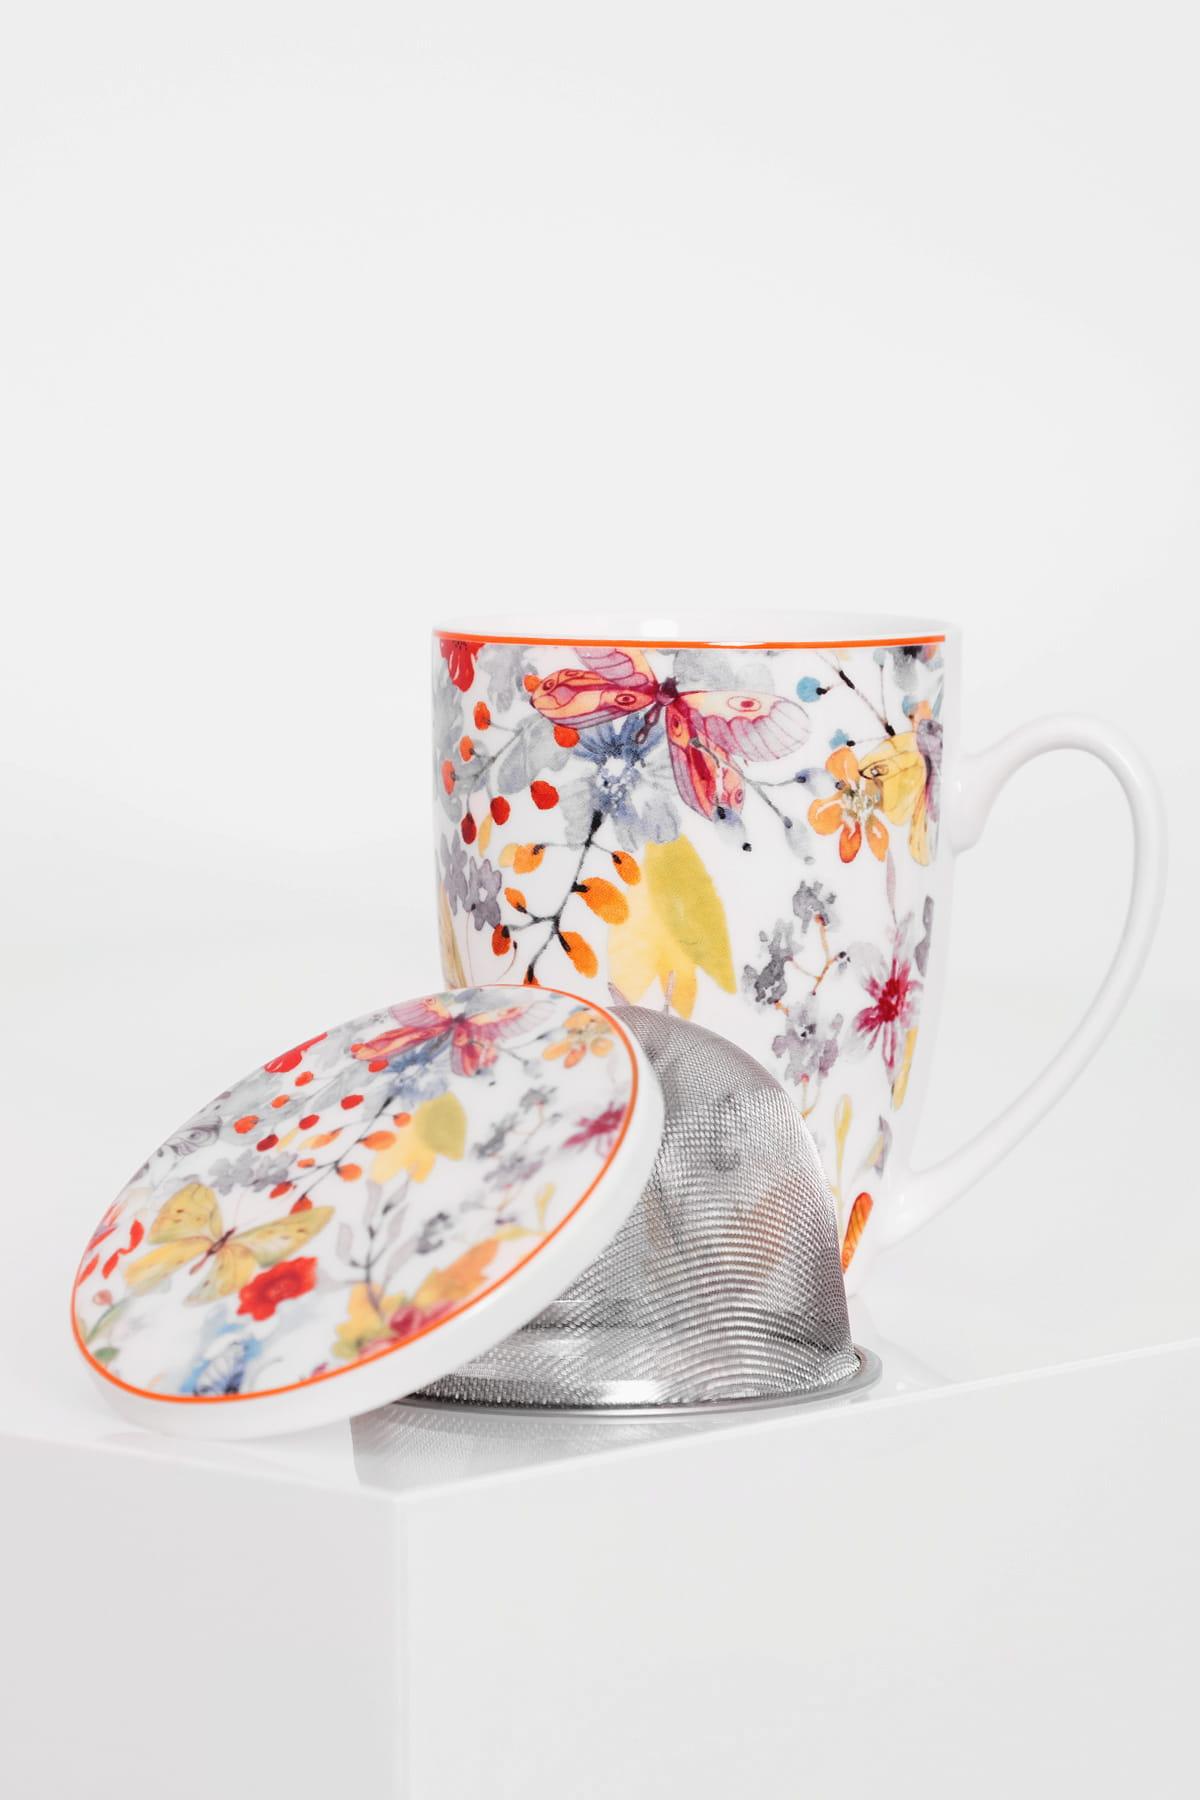 2485a26cd61be0 Porcelanowy kubek z zaparzaczem 320 ml CUBIC kwiaty - Sklep MG ...